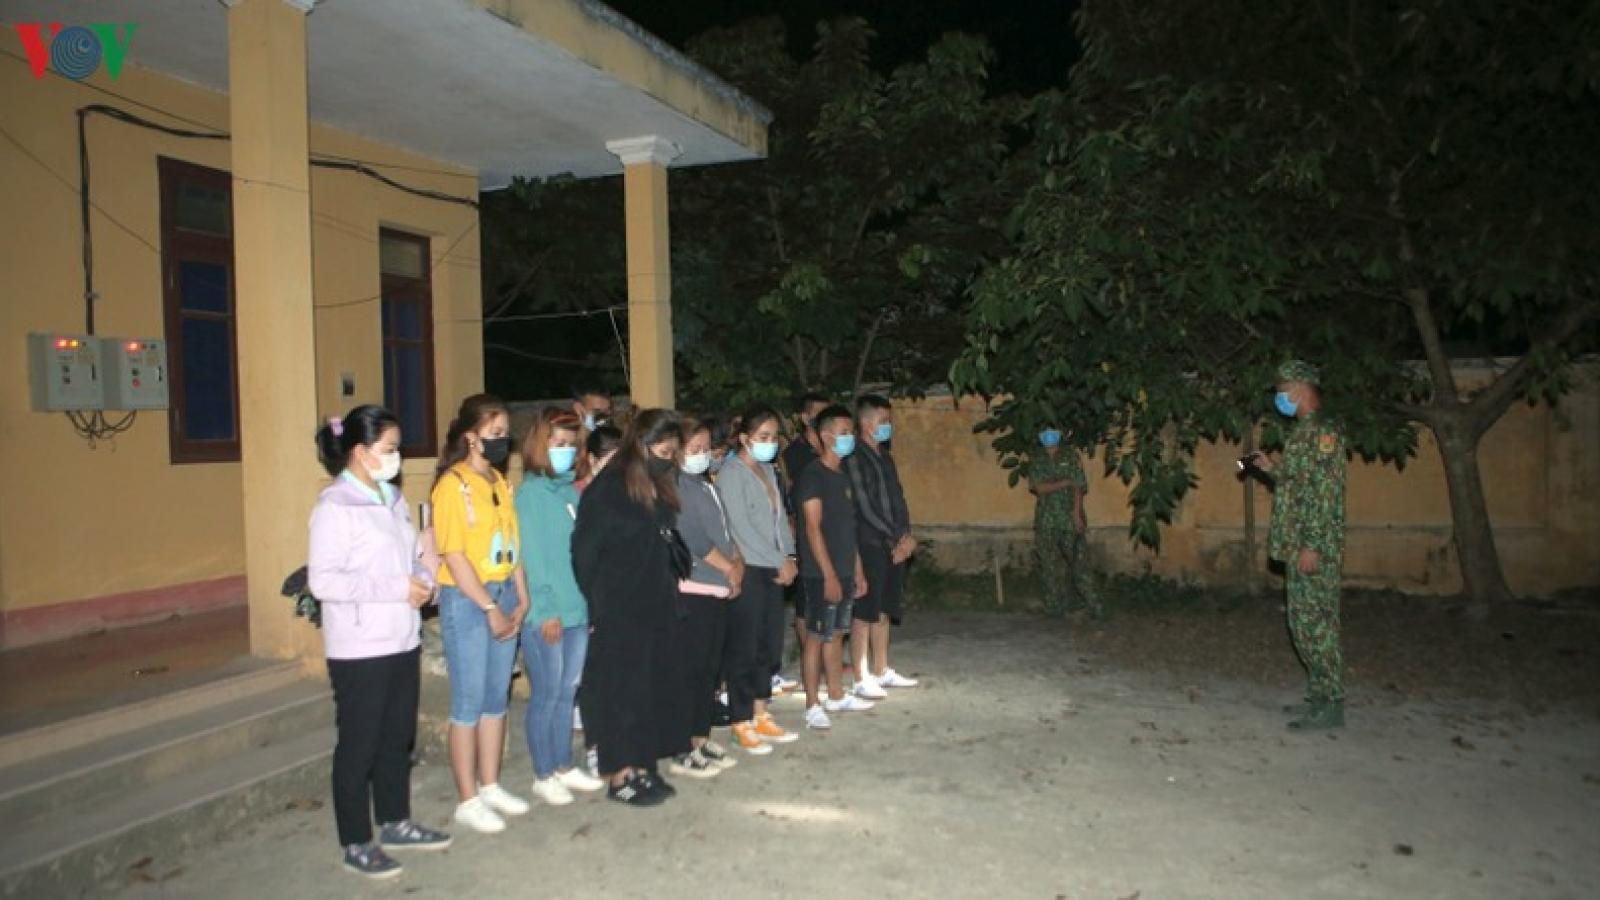 Biên phòng Cao Bằng ngăn chặn 15 người xuất cảnh trái phép trong đêm